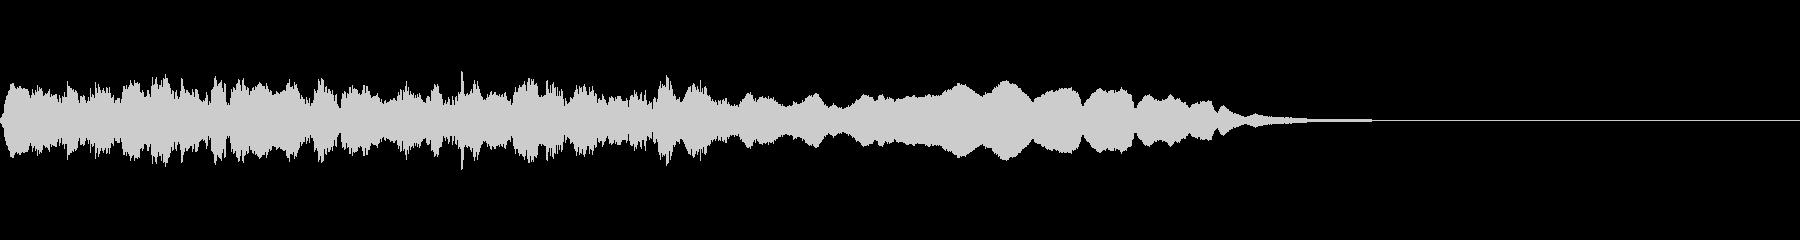 宿屋ジングルの未再生の波形